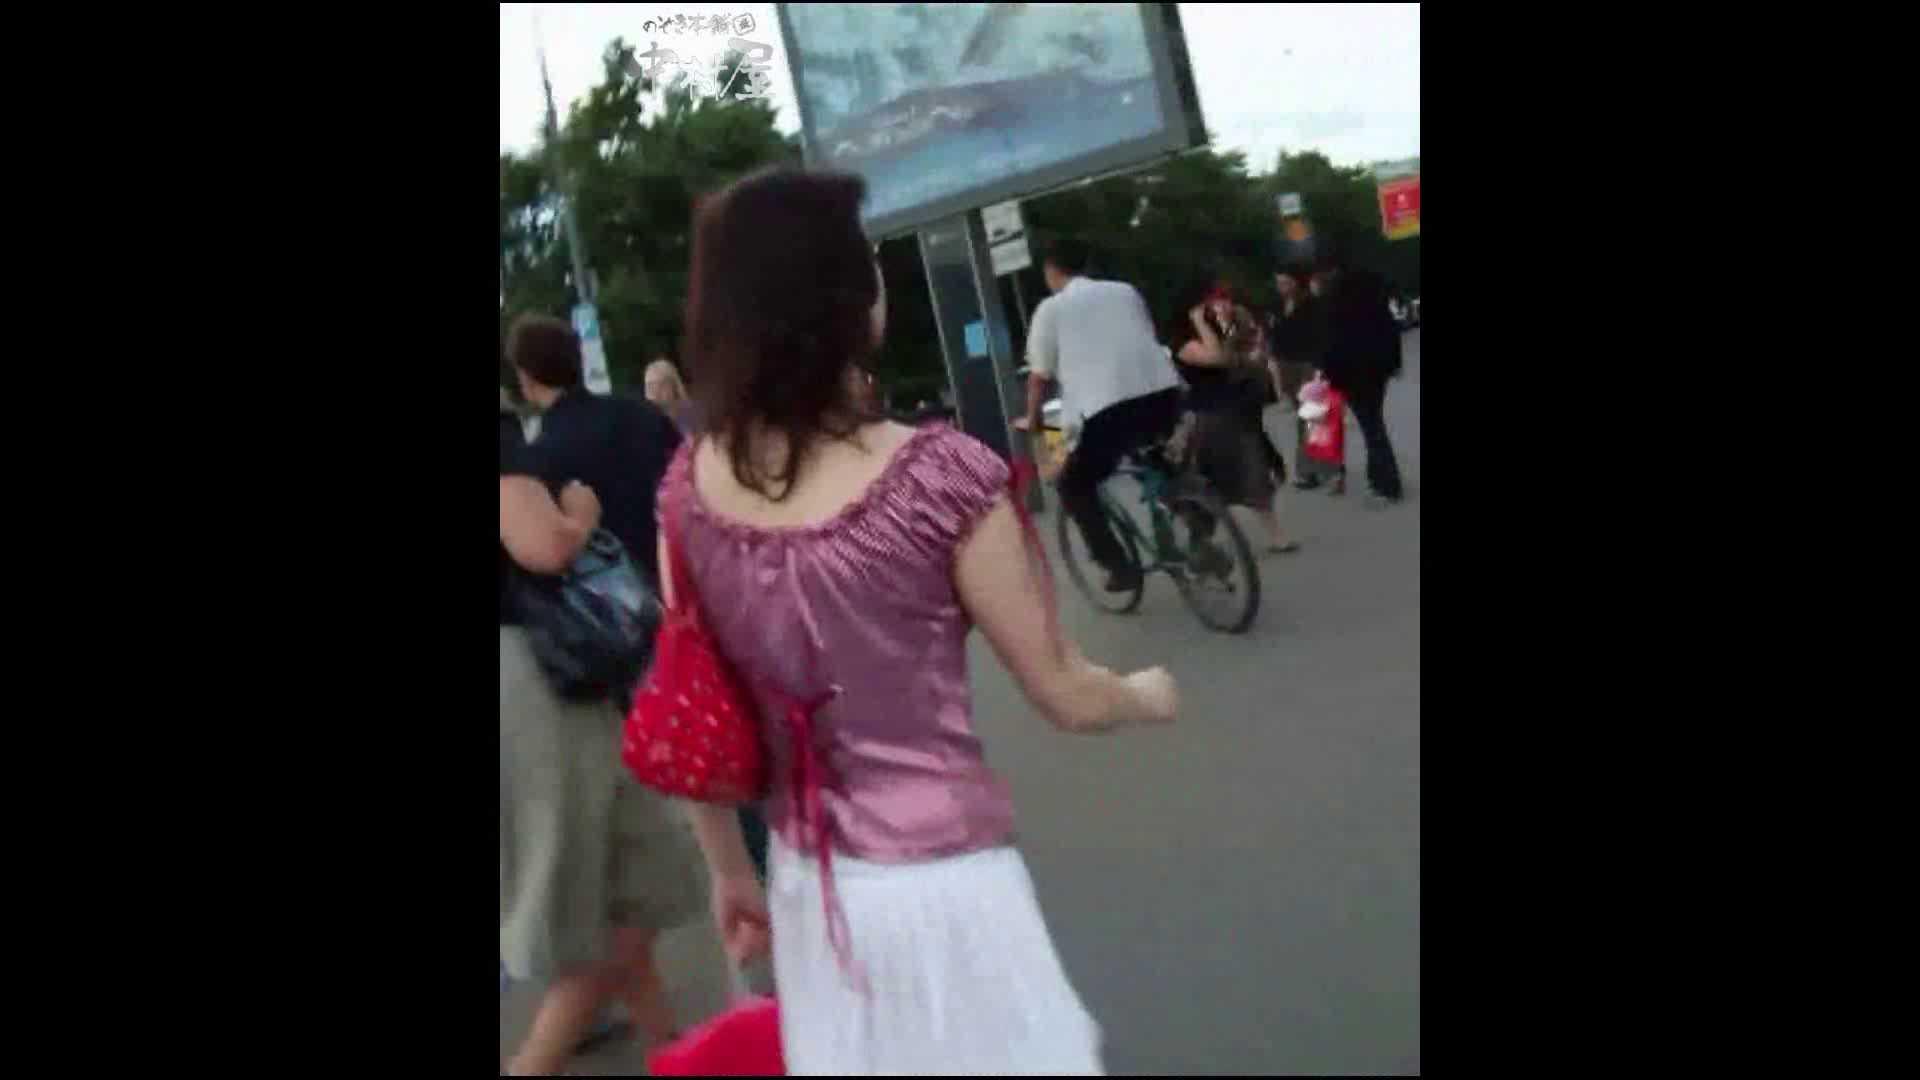 綺麗なモデルさんのスカート捲っちゃおう‼ vol21 お姉さんのエロ動画  87PIX 66